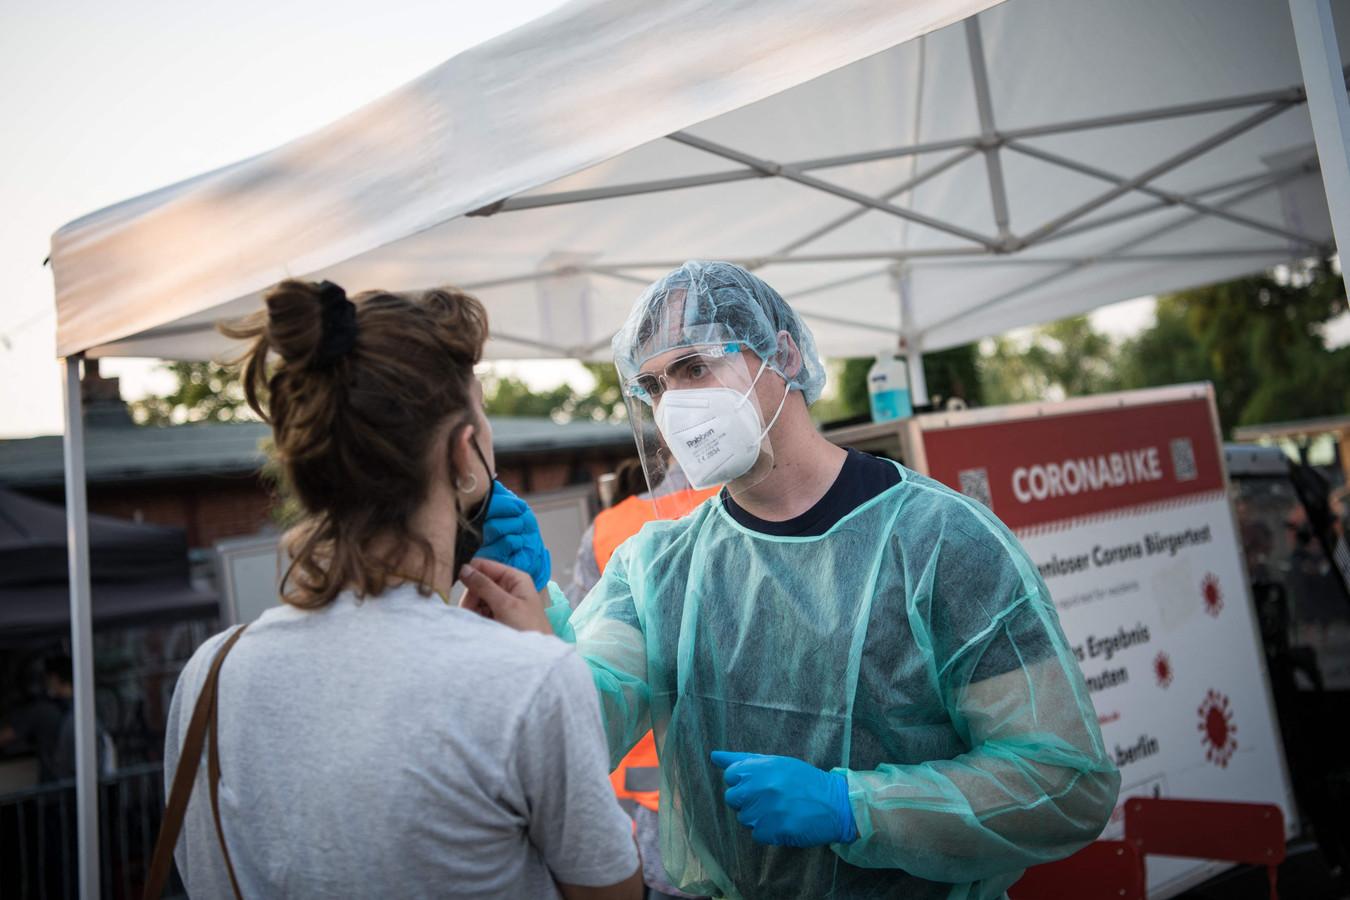 In Duitsland kunnen mensen onder meer bij vliegvelden, treinstations, apotheken en de gezondheidsautoriteiten terecht voor een coronatest.